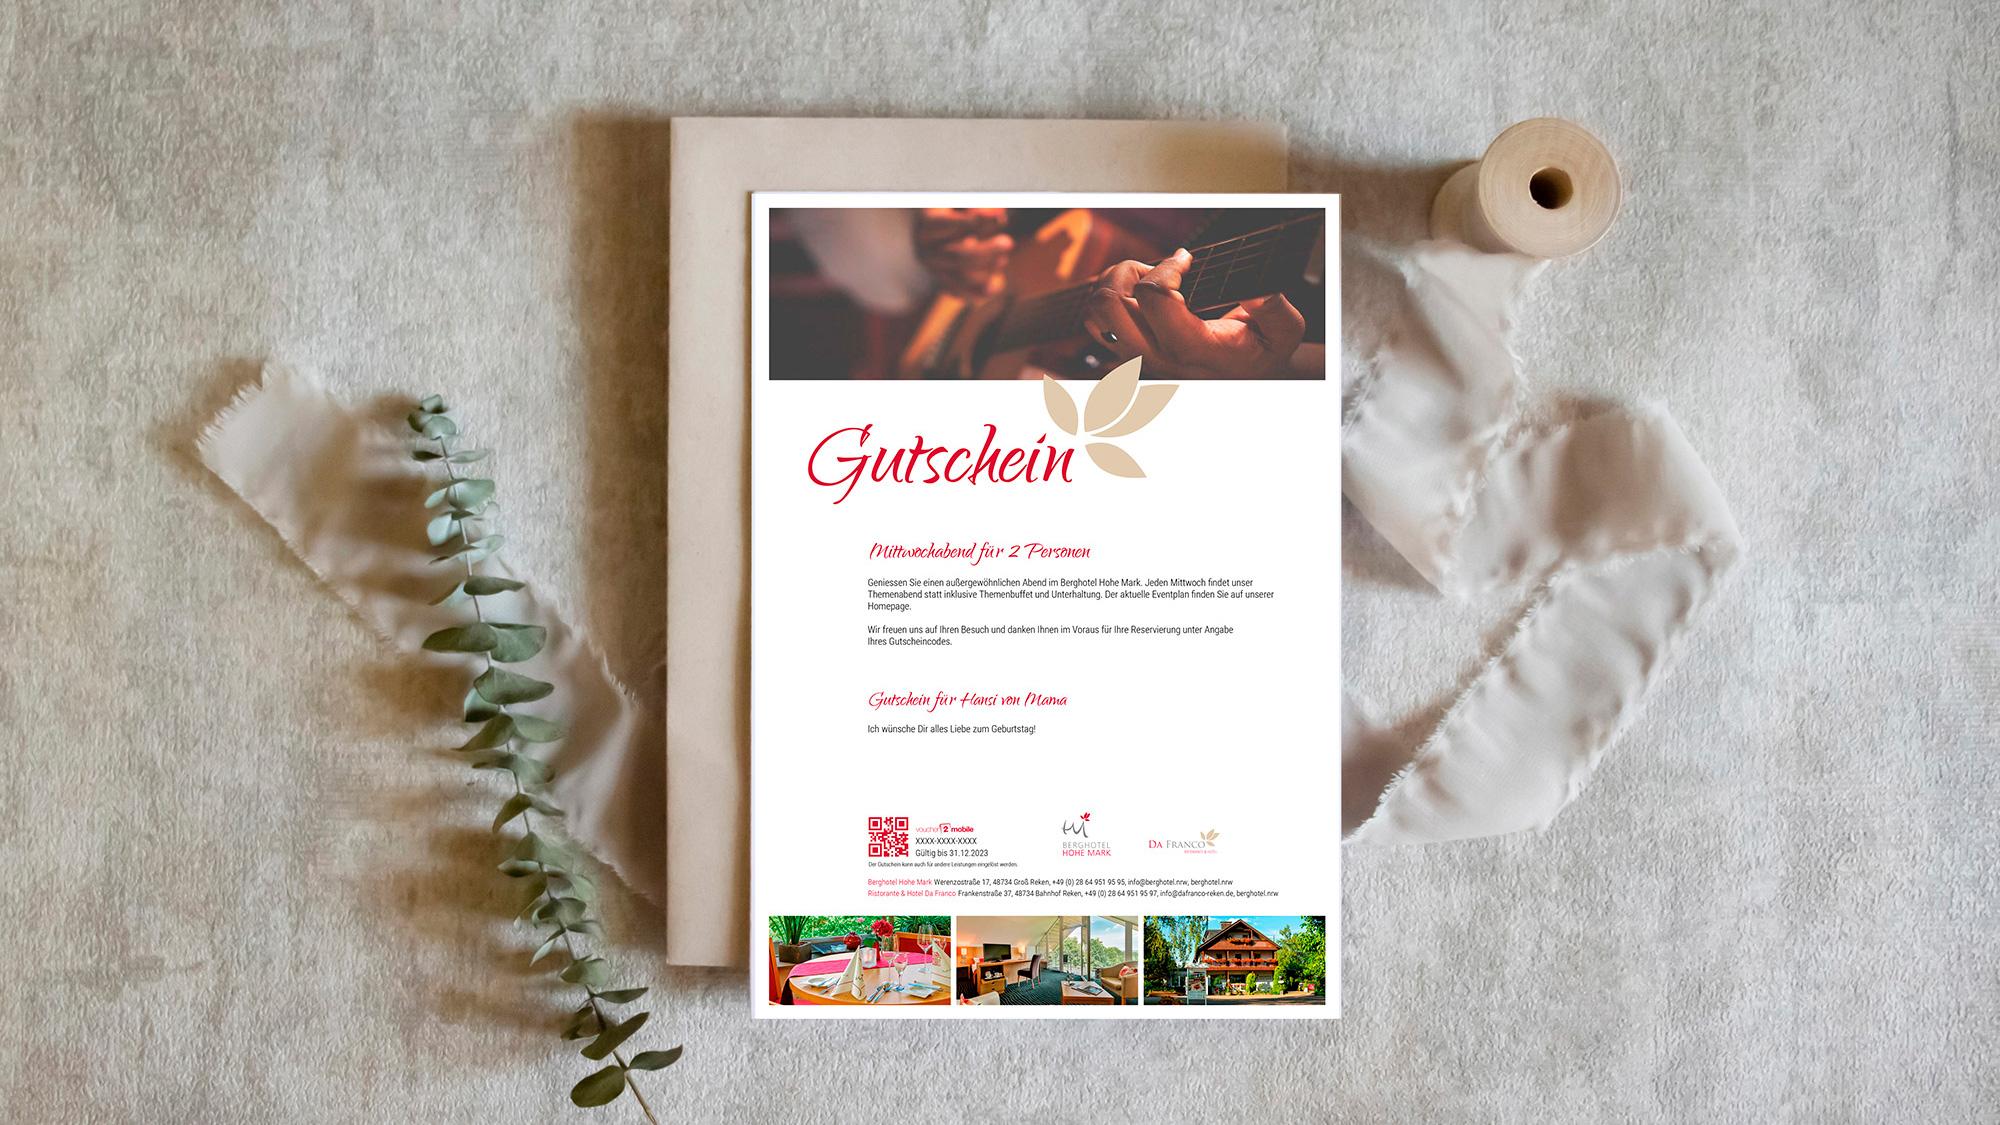 e-guma Gutscheinsystem Gutscheinlayout print@home Berghotel Hohe Mark